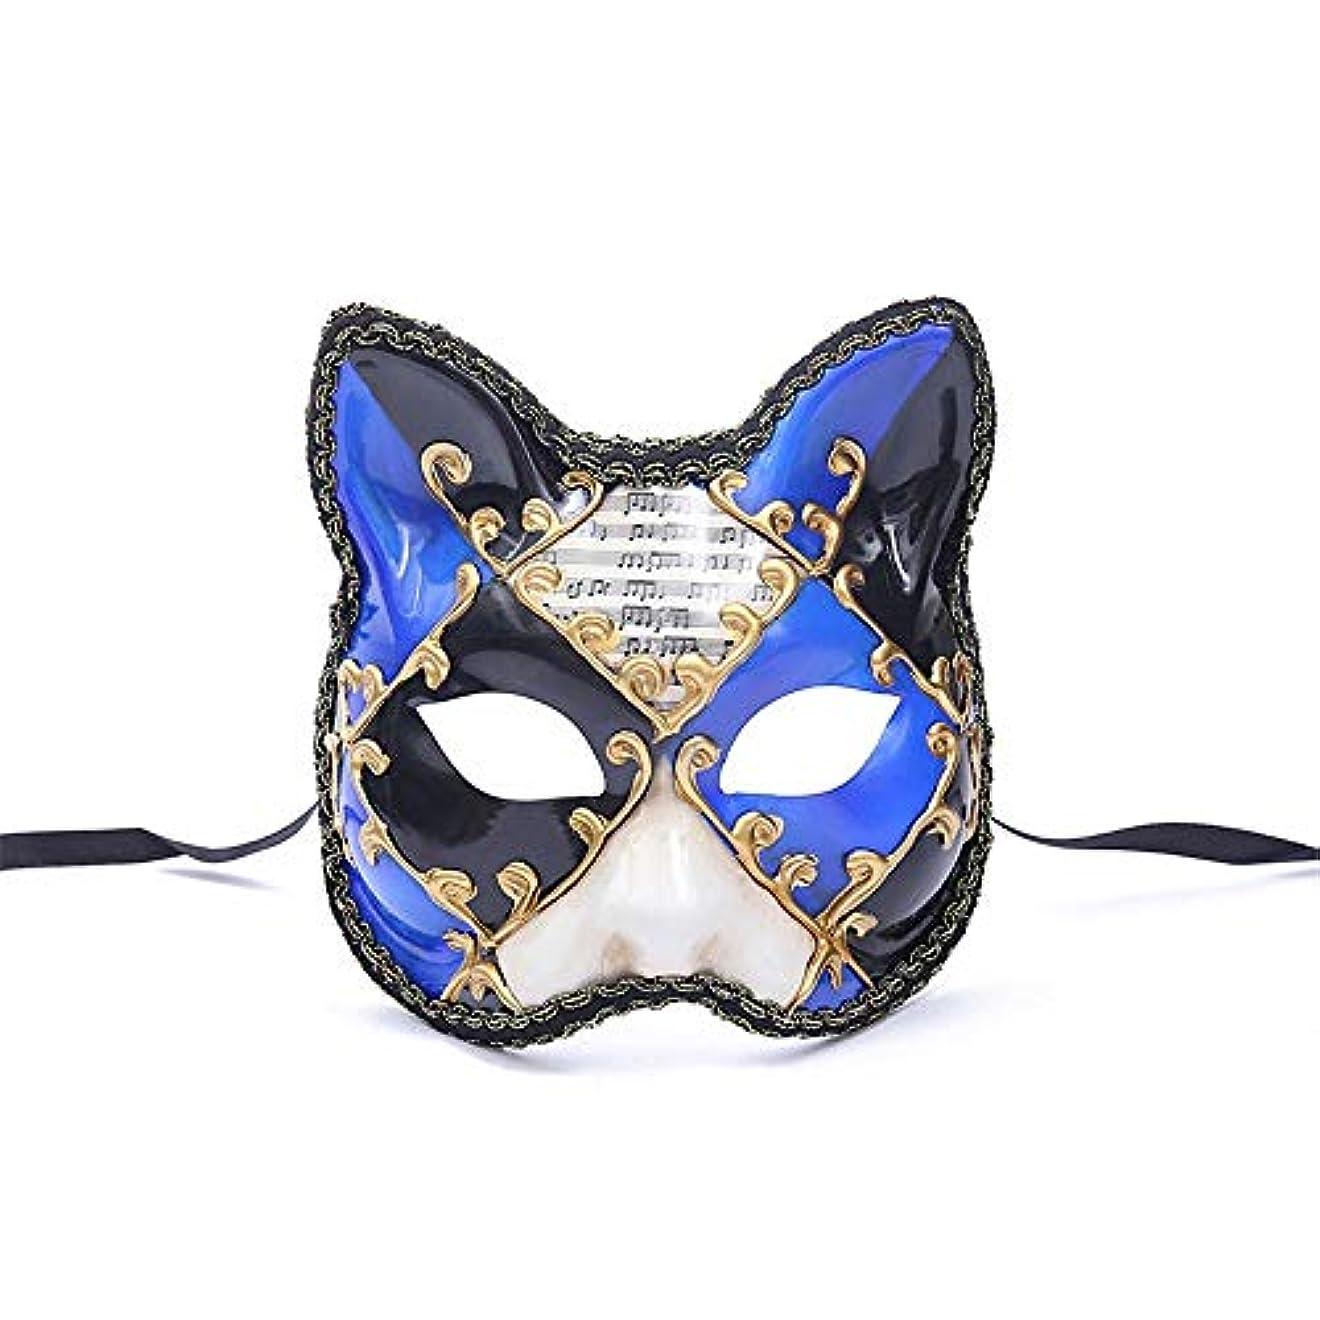 ワーカースクレーパー豆ダンスマスク 大きな猫アンティーク動物レトロコスプレハロウィーン仮装マスクナイトクラブマスク雰囲気フェスティバルマスク ホリデーパーティー用品 (色 : 青, サイズ : 17.5x16cm)